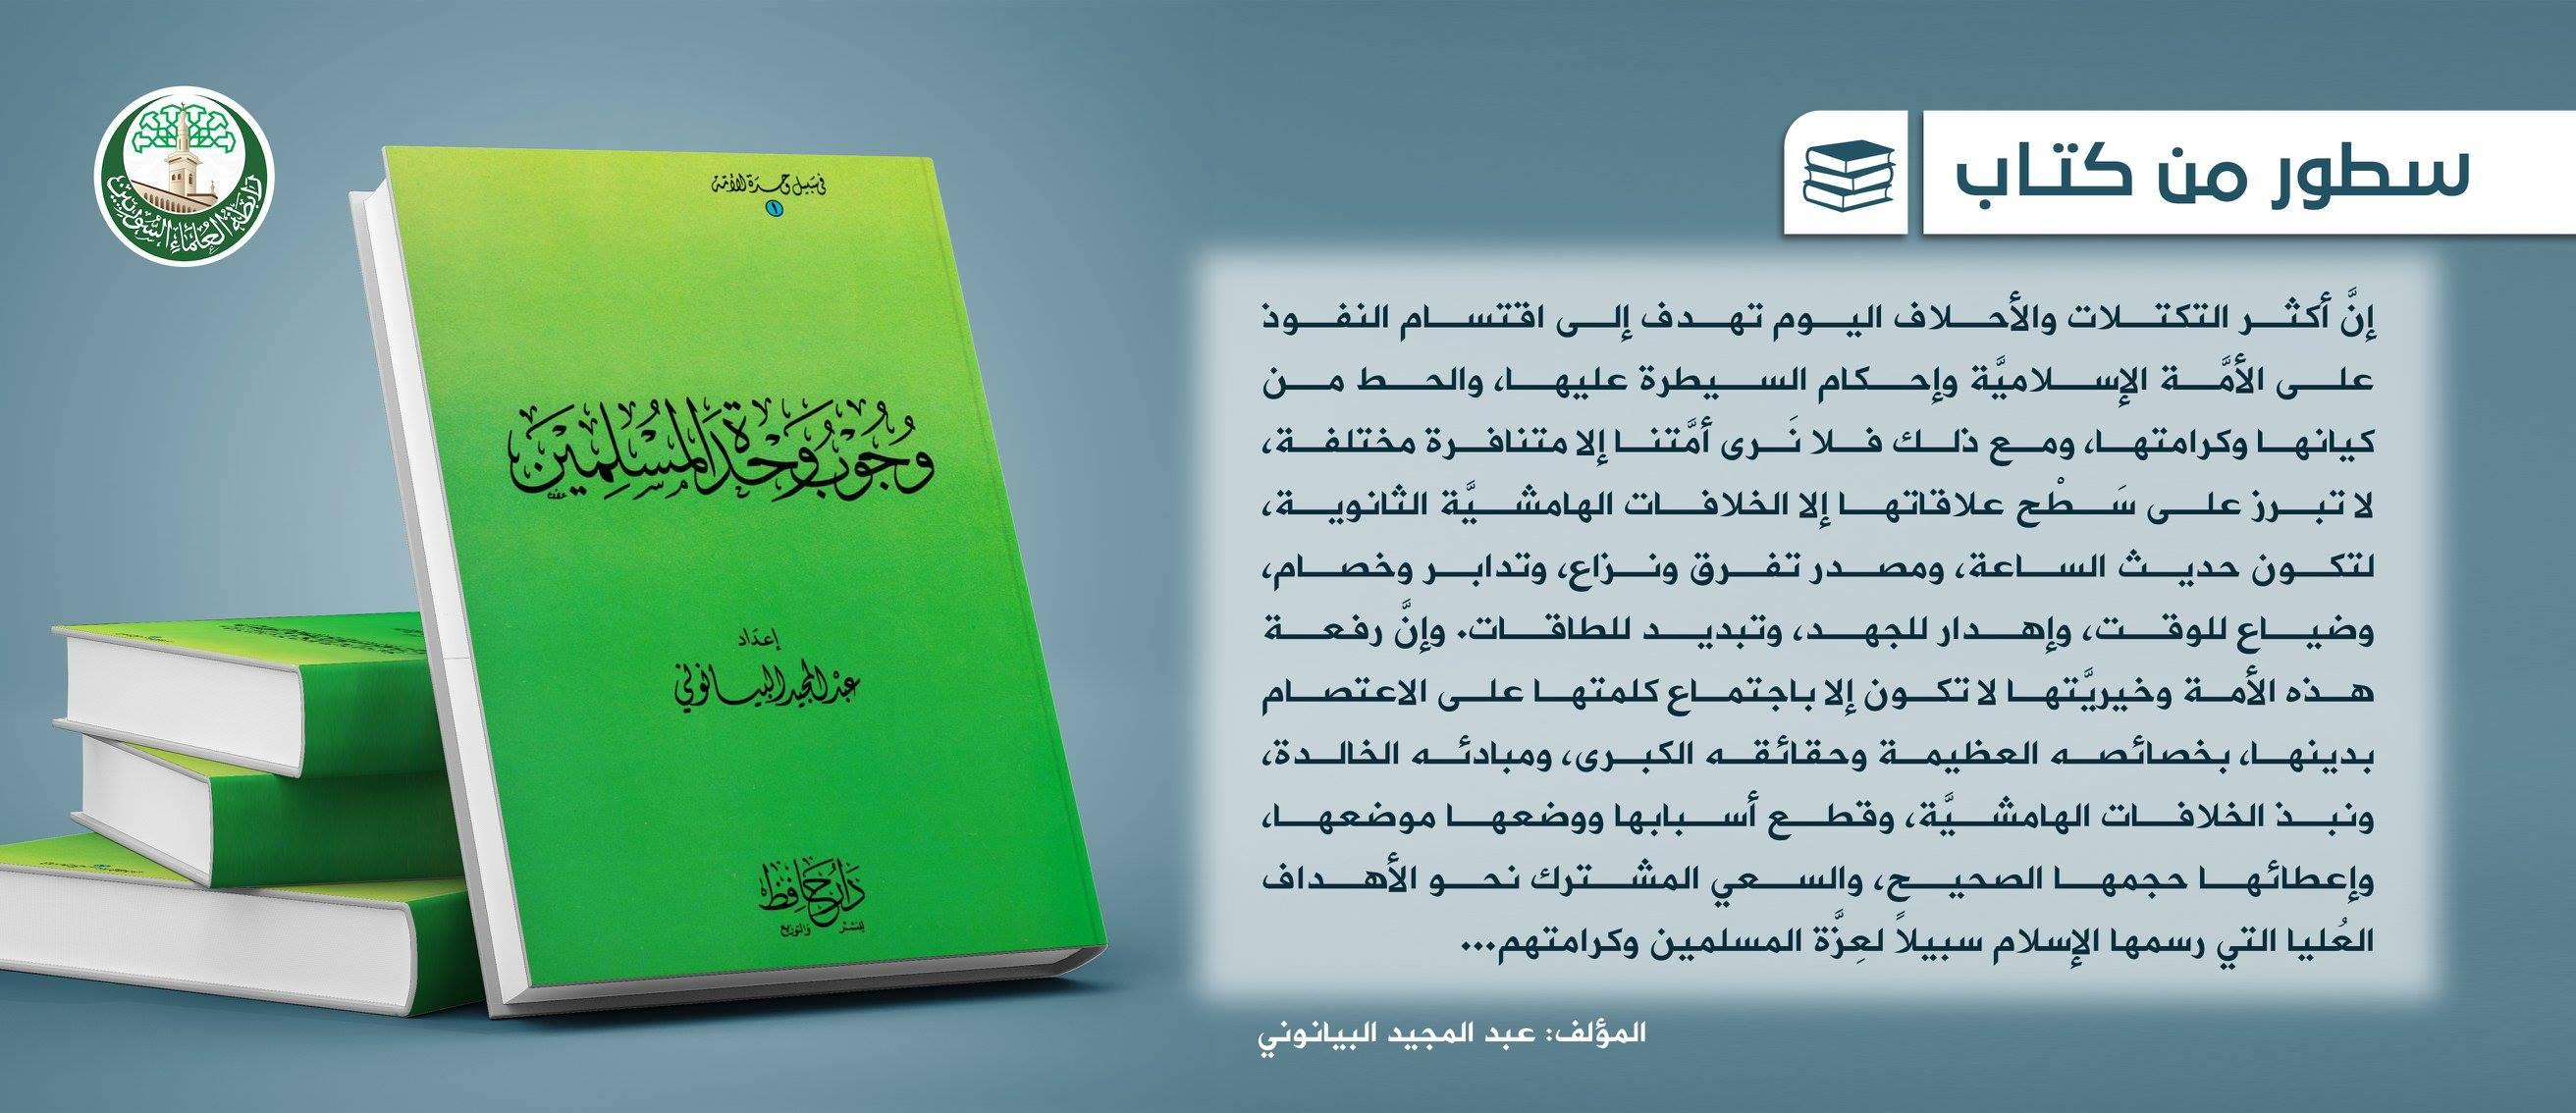 وجوب وحدة المسلمين المؤلف: عبد المجيد البيانوني